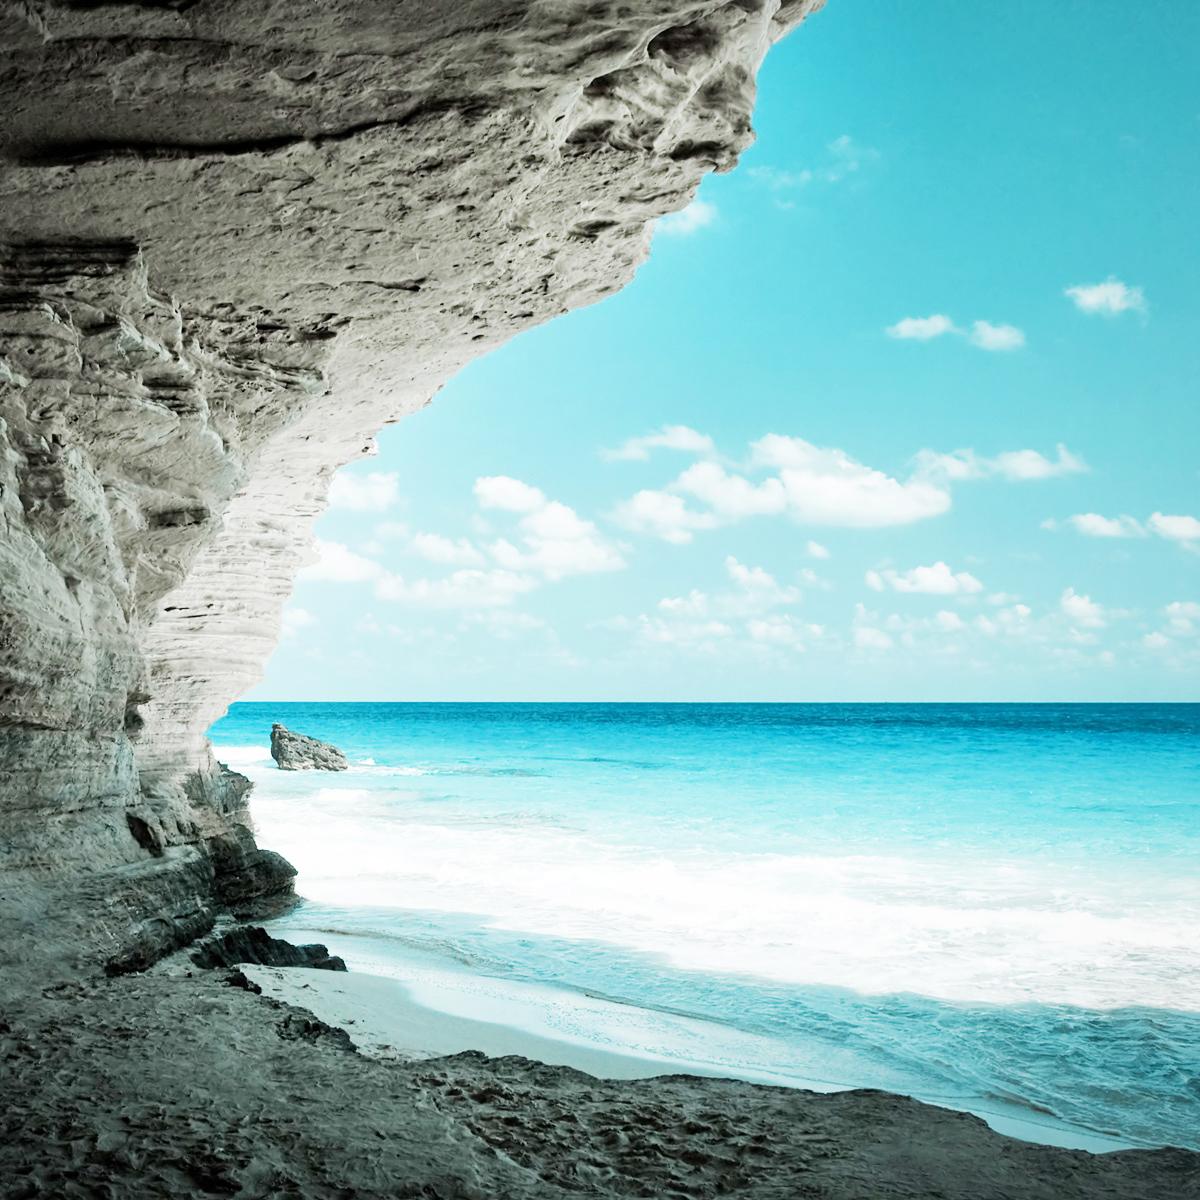 7things_24_beachplease